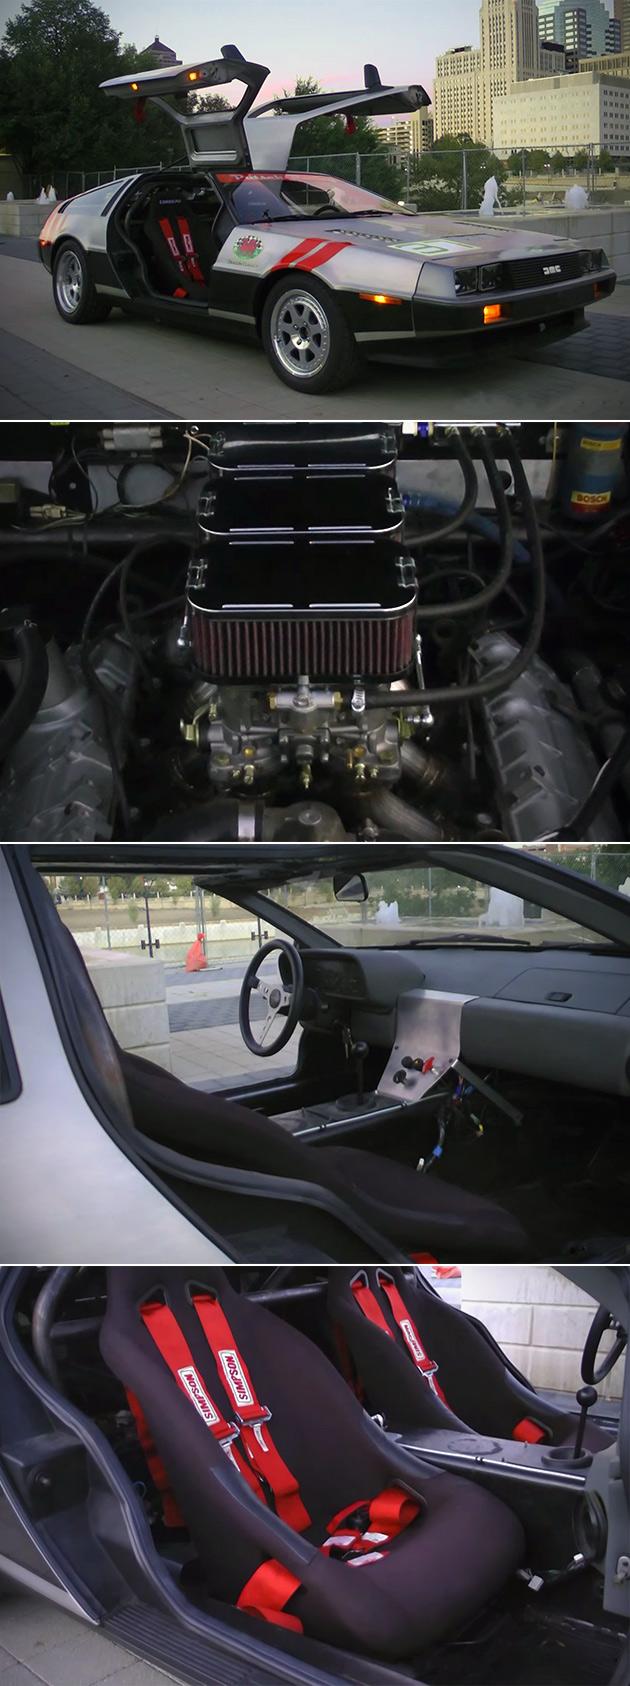 Racing DeLorean